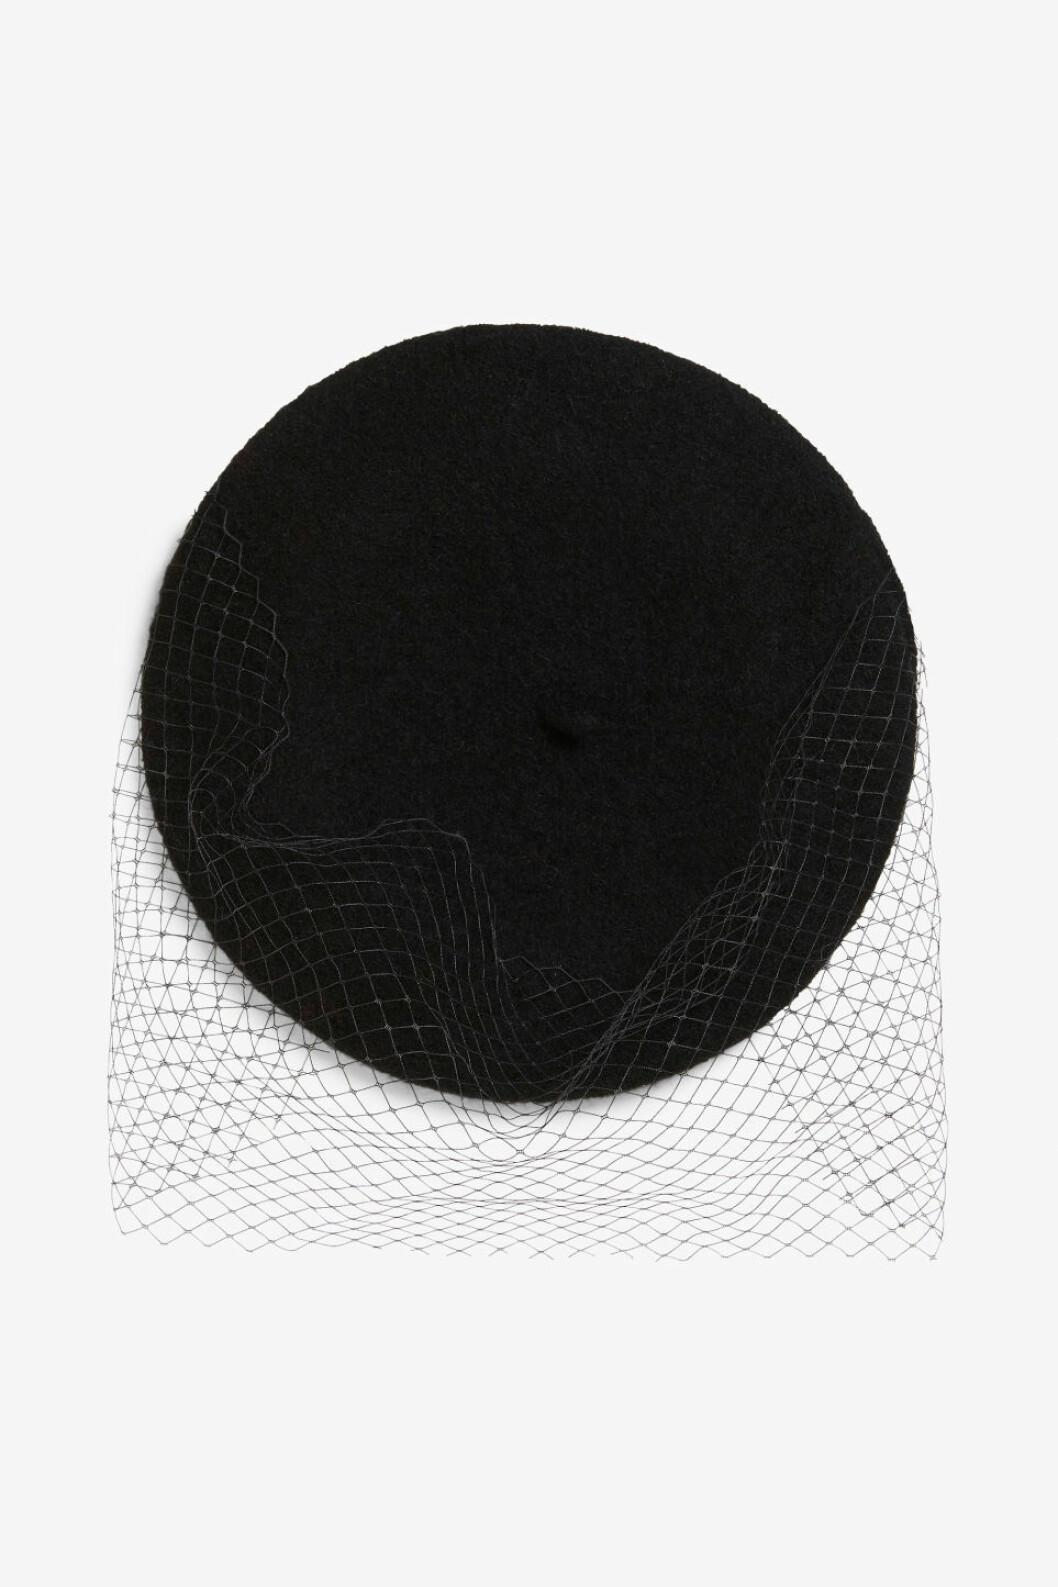 Hatt-monki